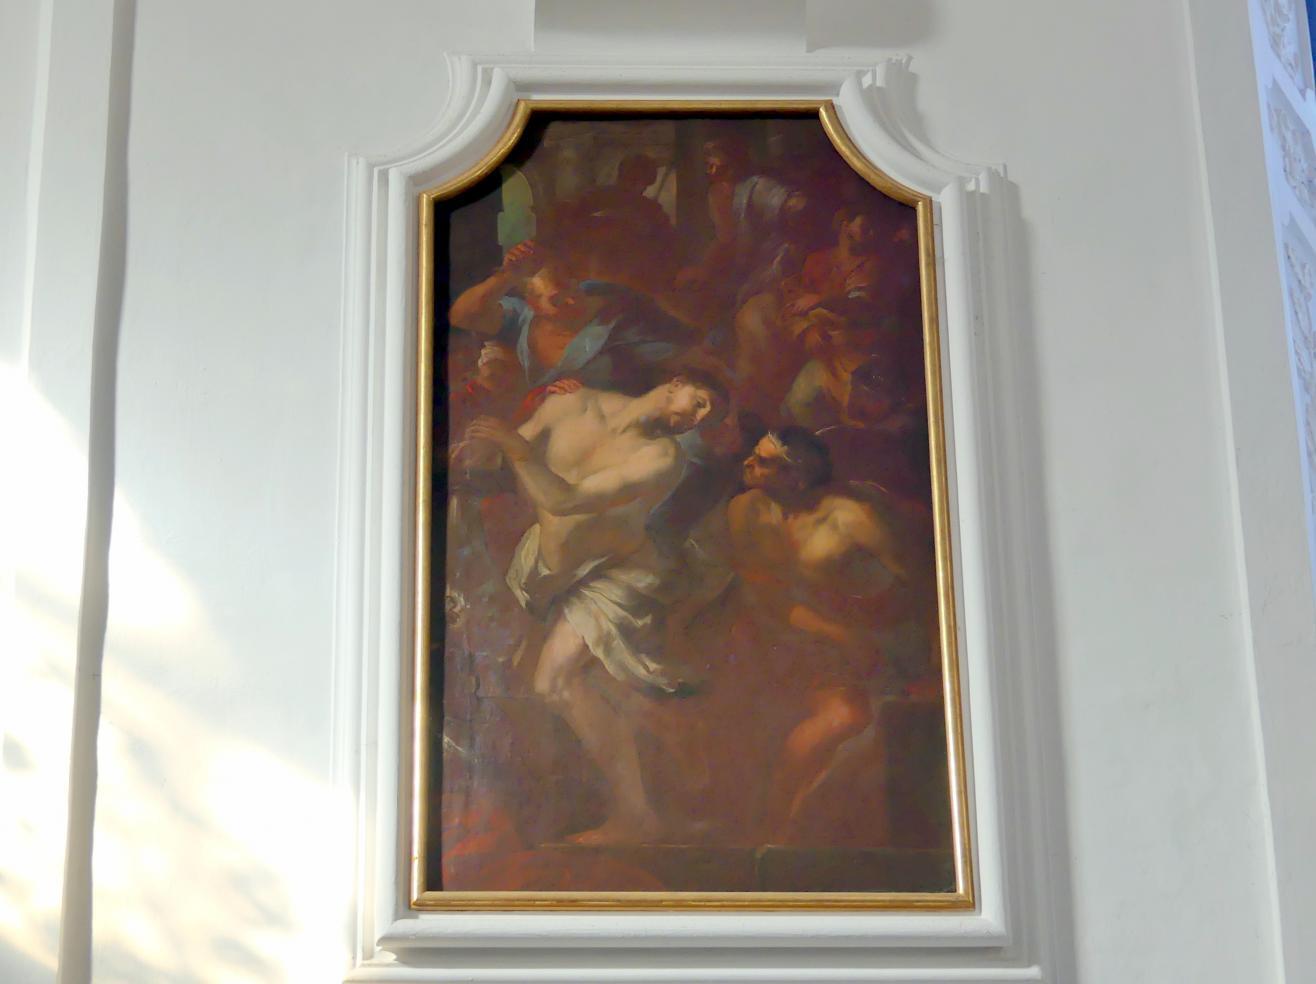 Johann Georg Bergmüller: Christus an der Geißelsäule, 1713 - 1714